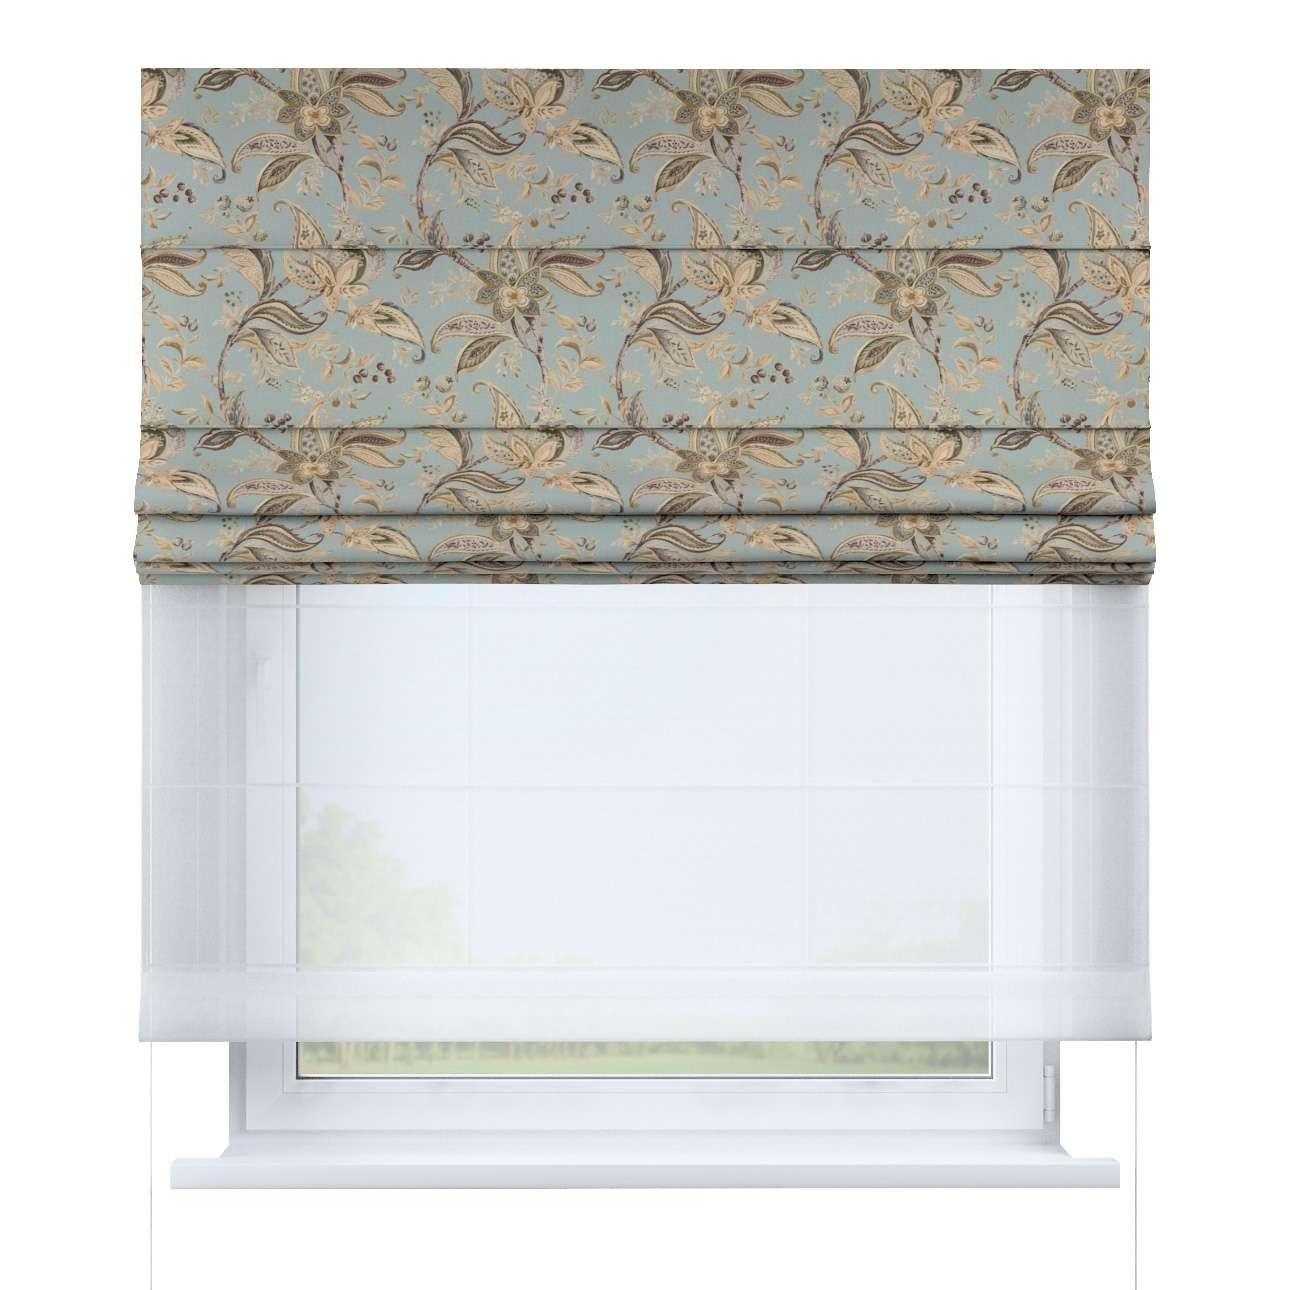 Vouwgordijn Duo van de collectie Gardenia, Stof: 142-18